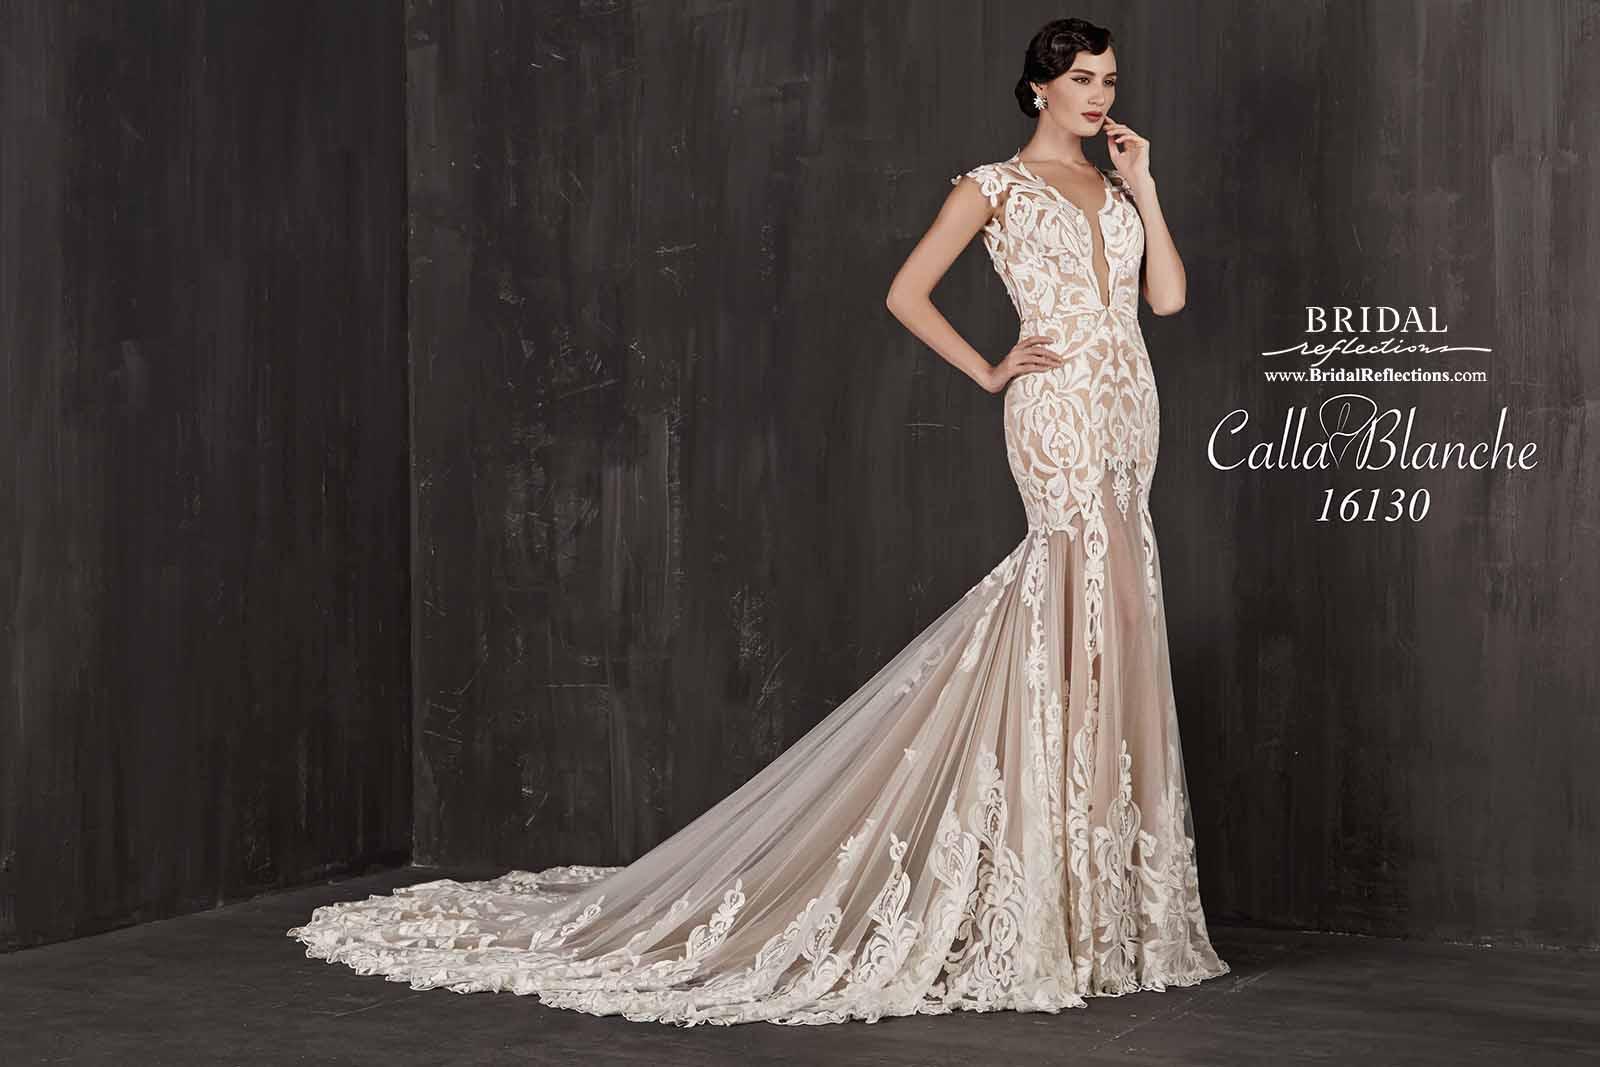 Calla Blanche Wedding Dress Collection